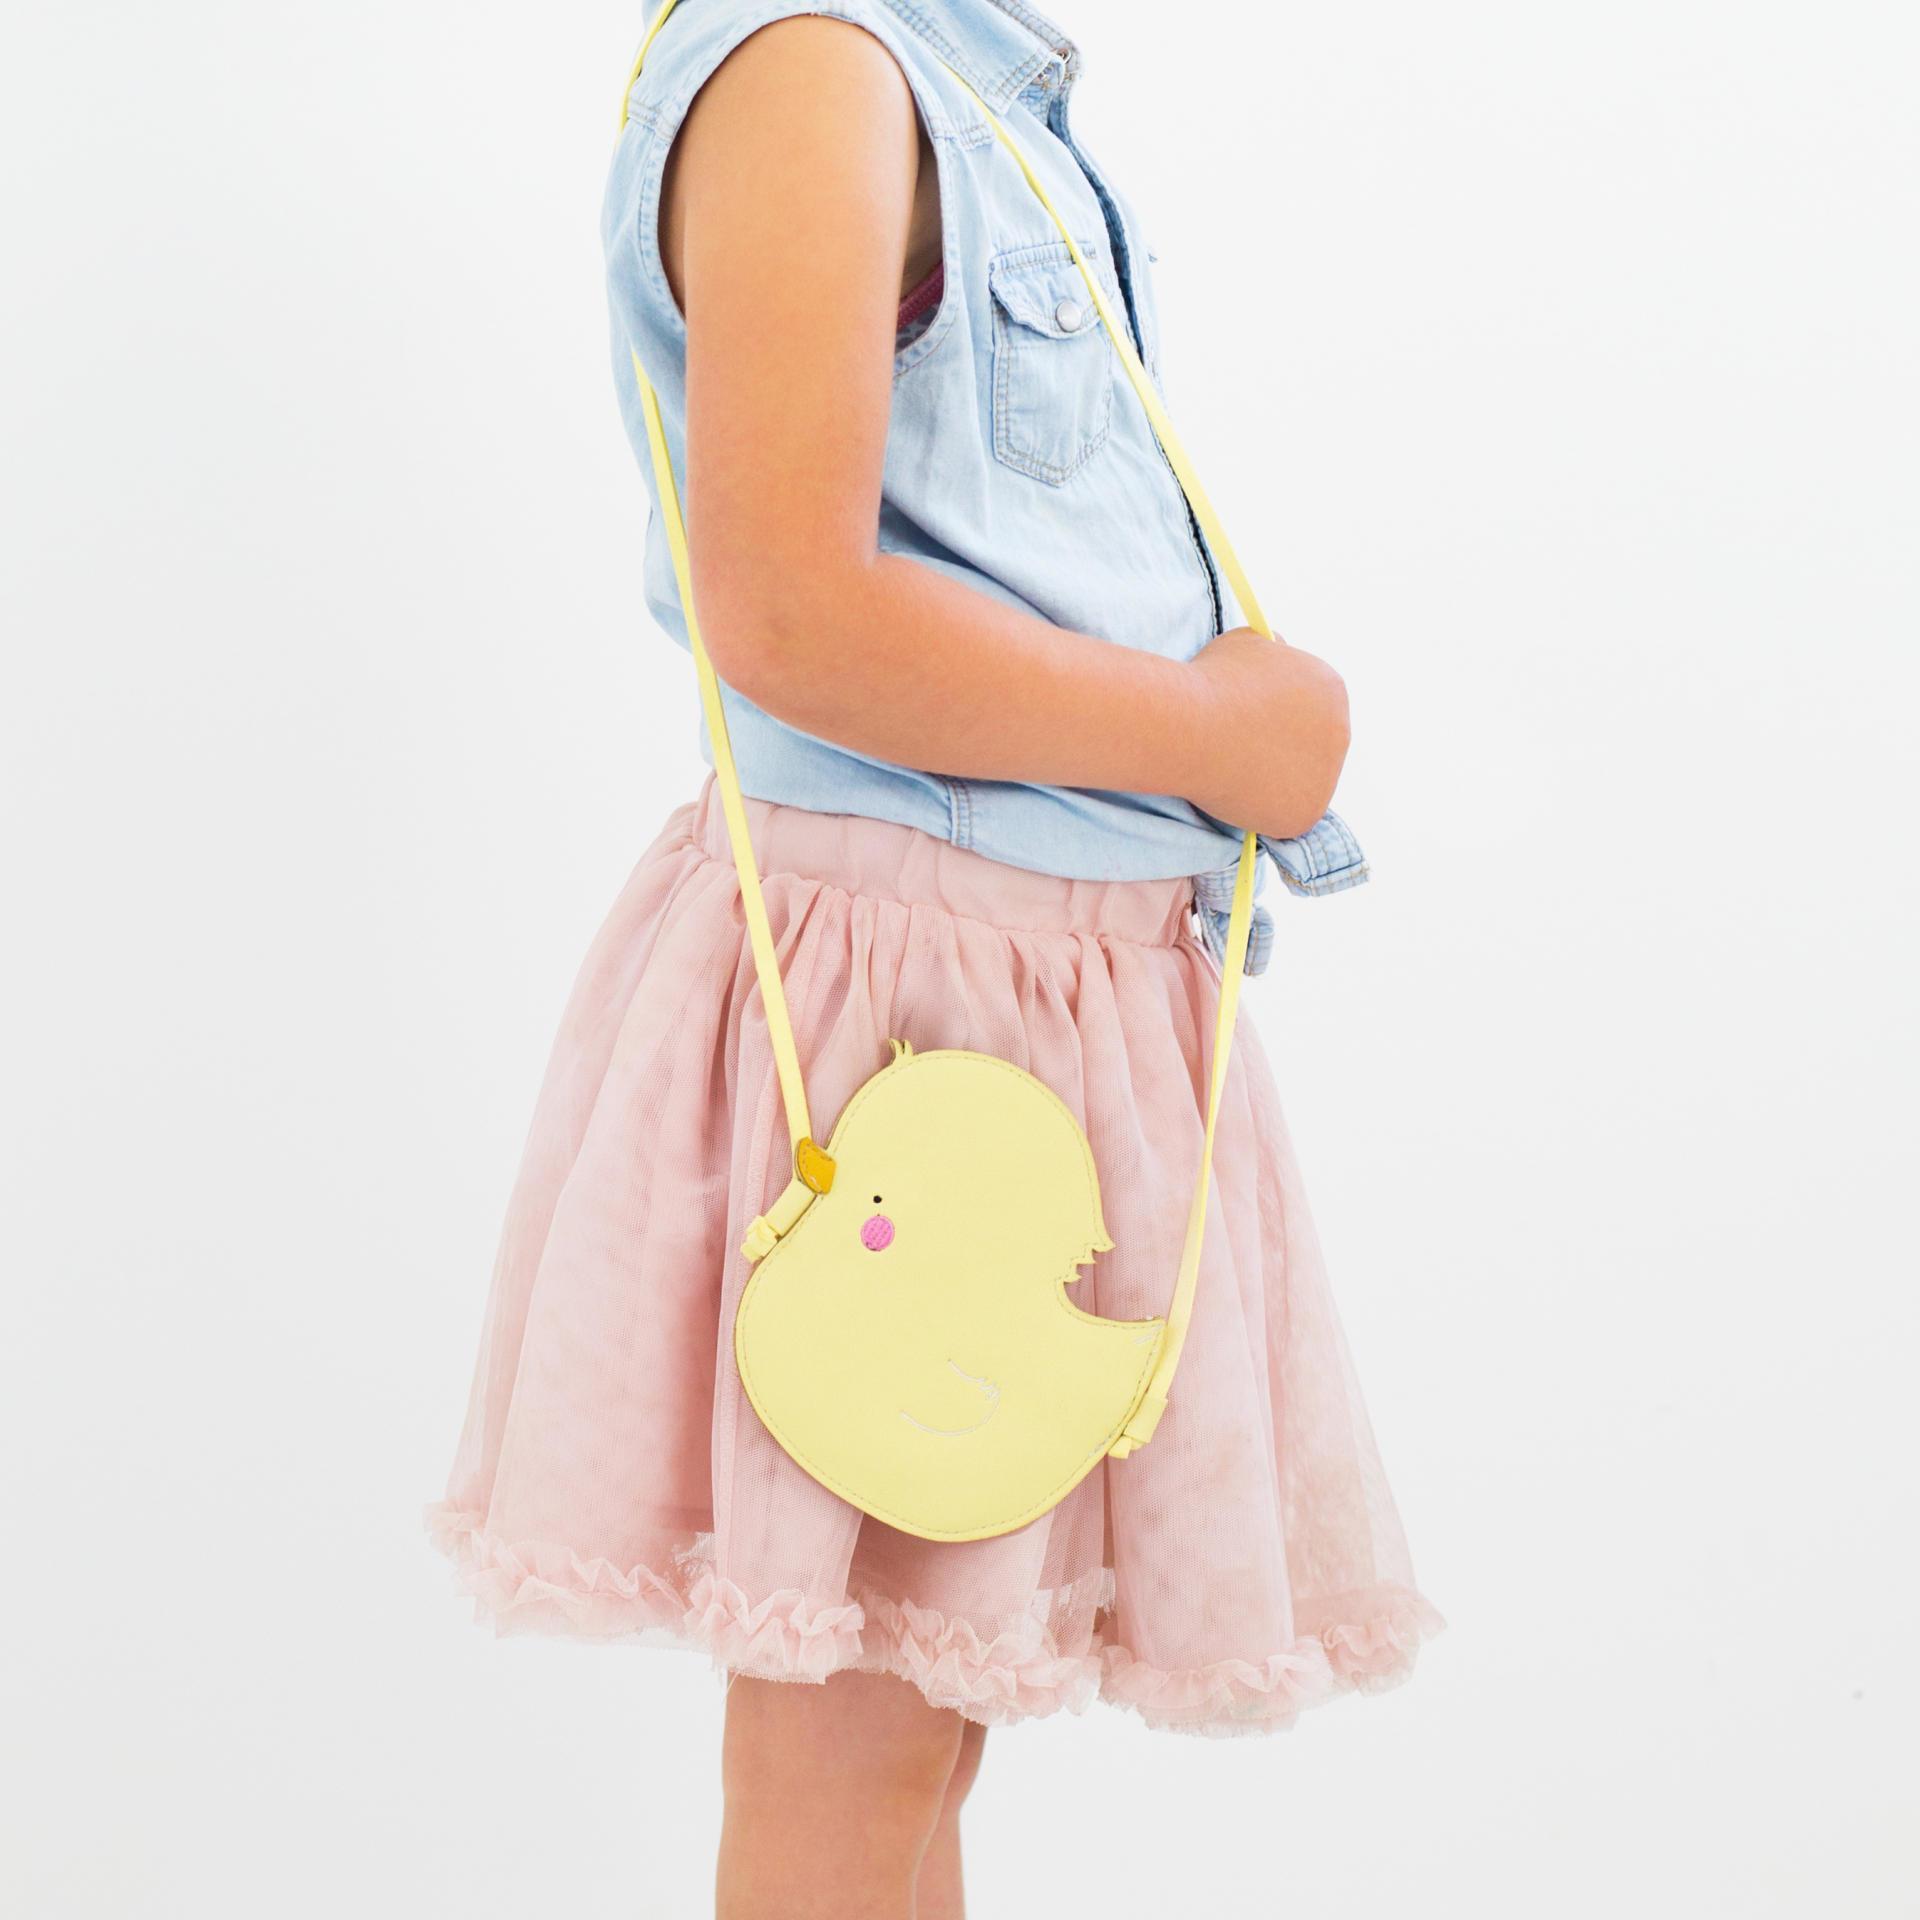 A Little Lovely Company Dětská kabelka Little Duck, žlutá barva, textil